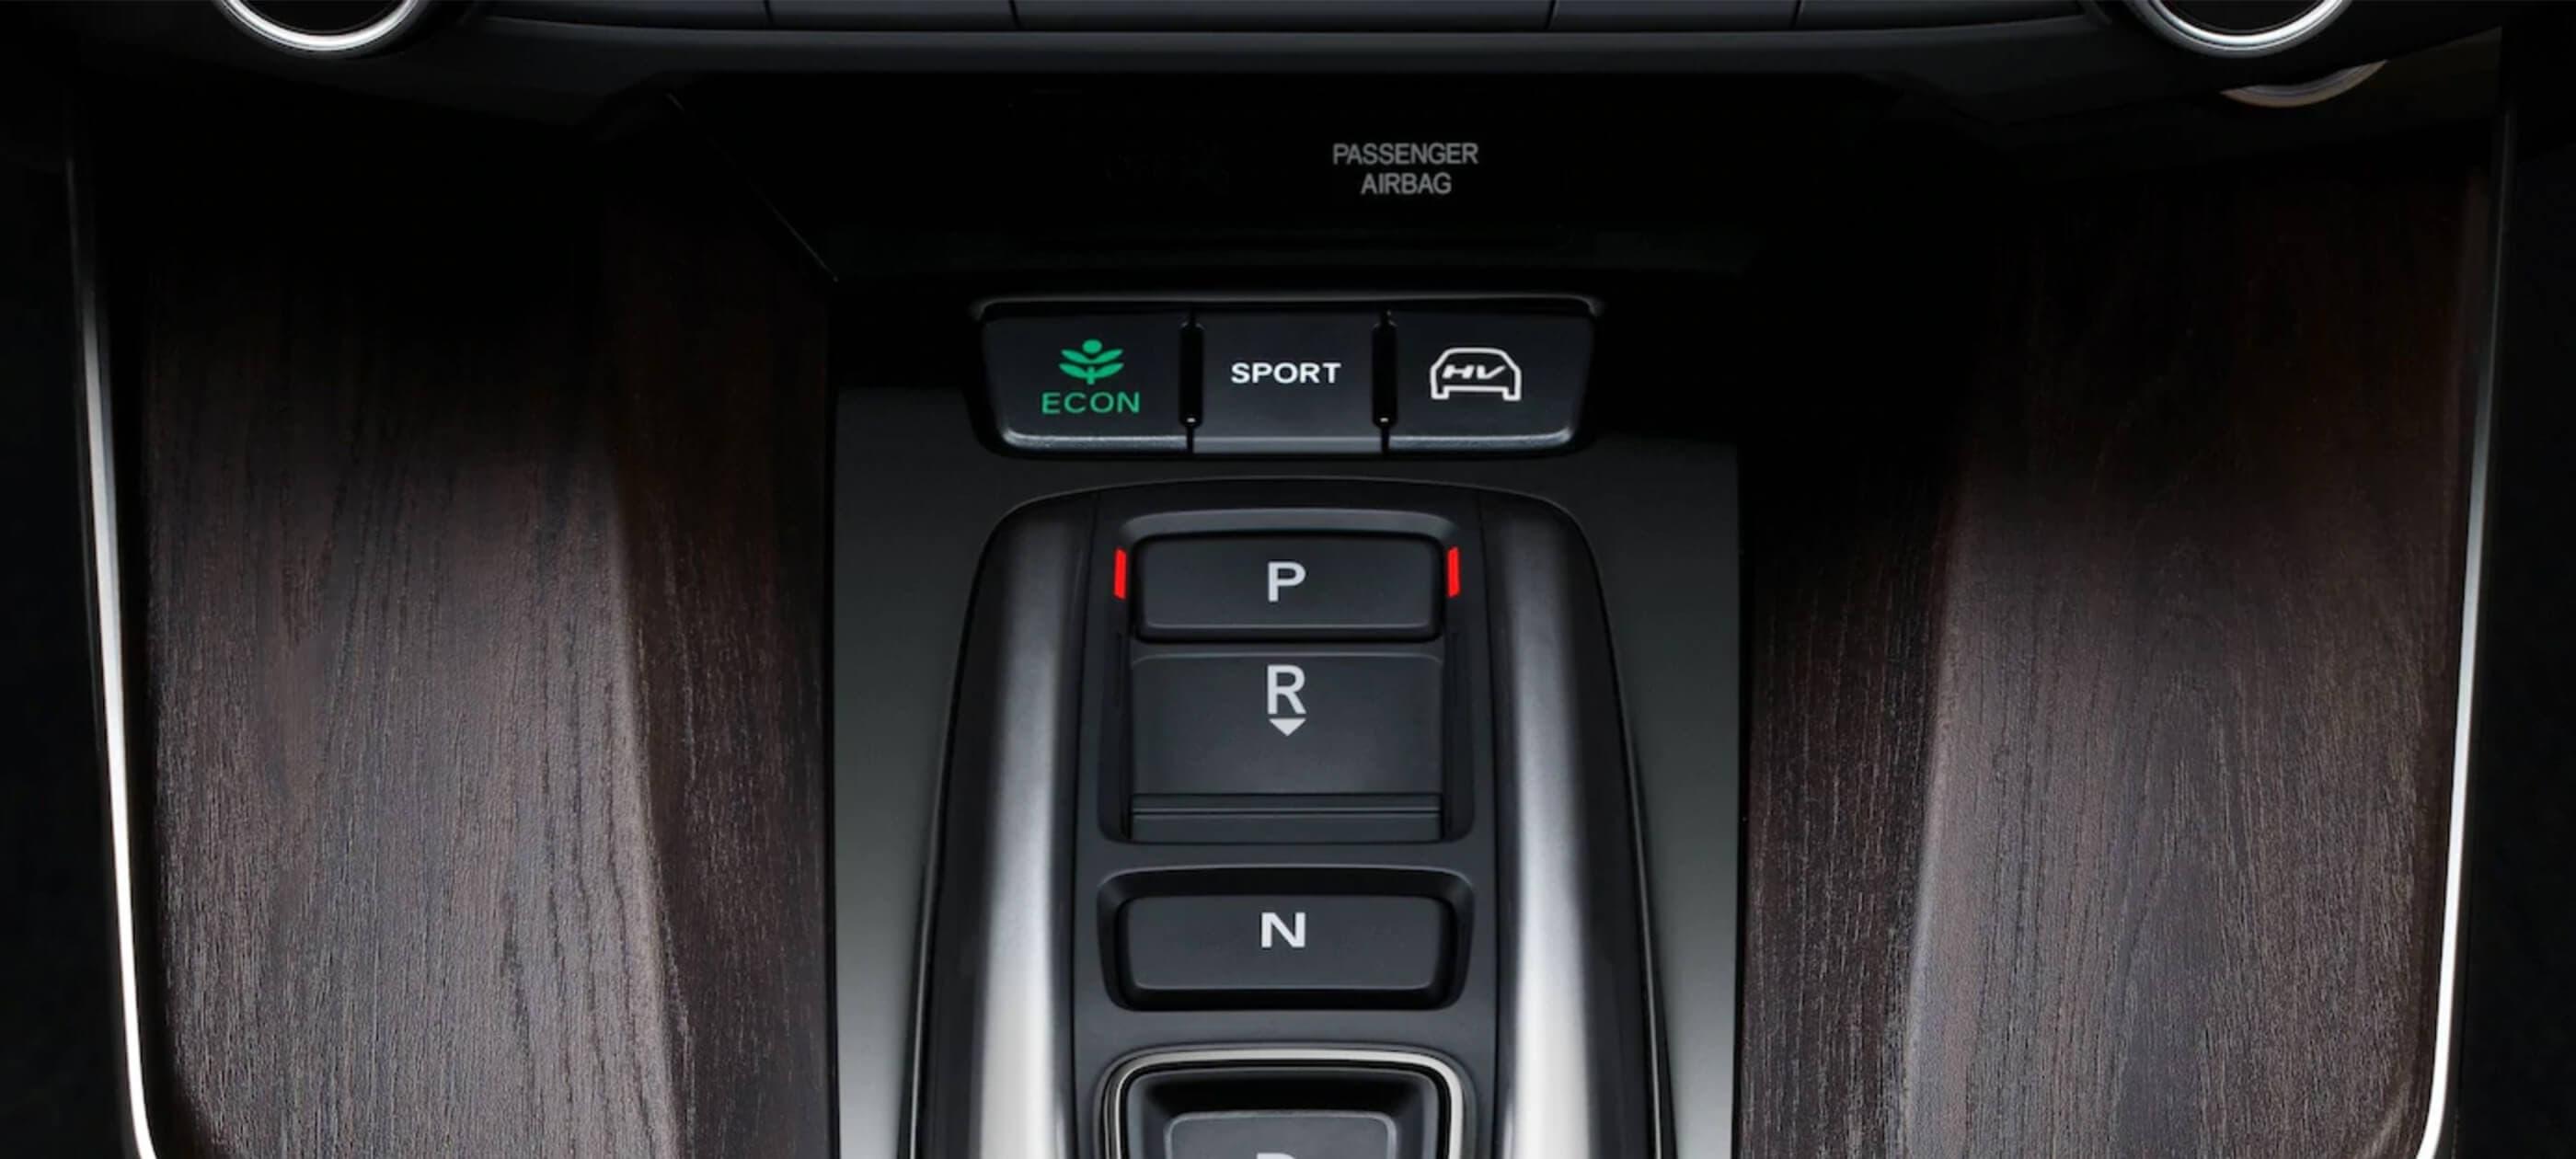 Dynamic Drive Modes